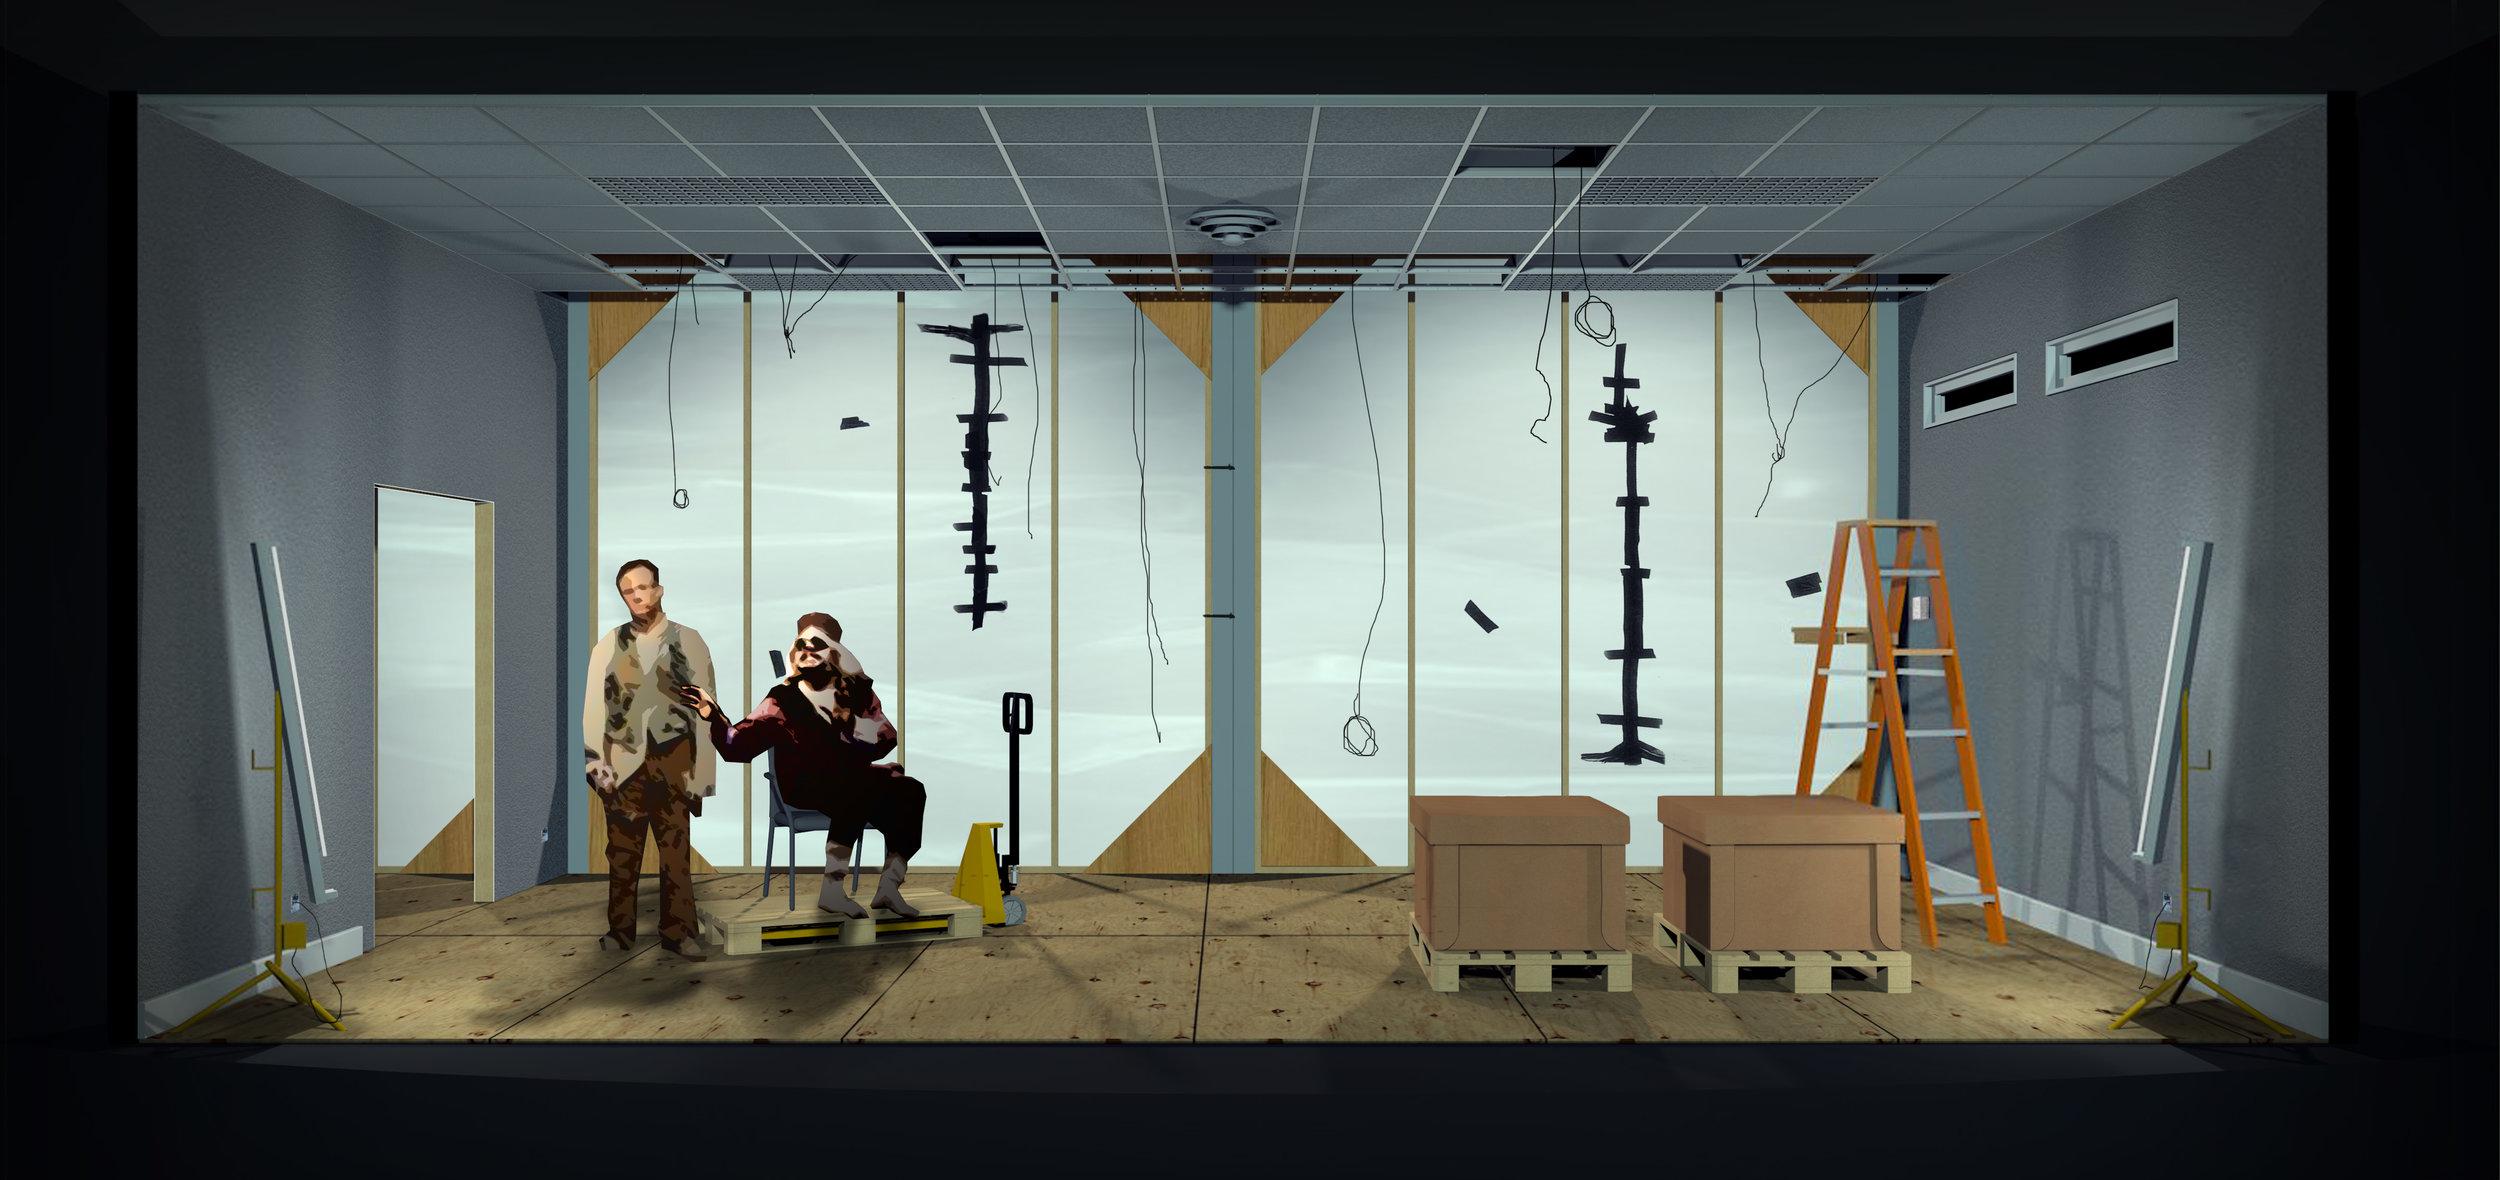 endgame-scenic-design-vectorworks-rendering-full-andybroomell.jpg